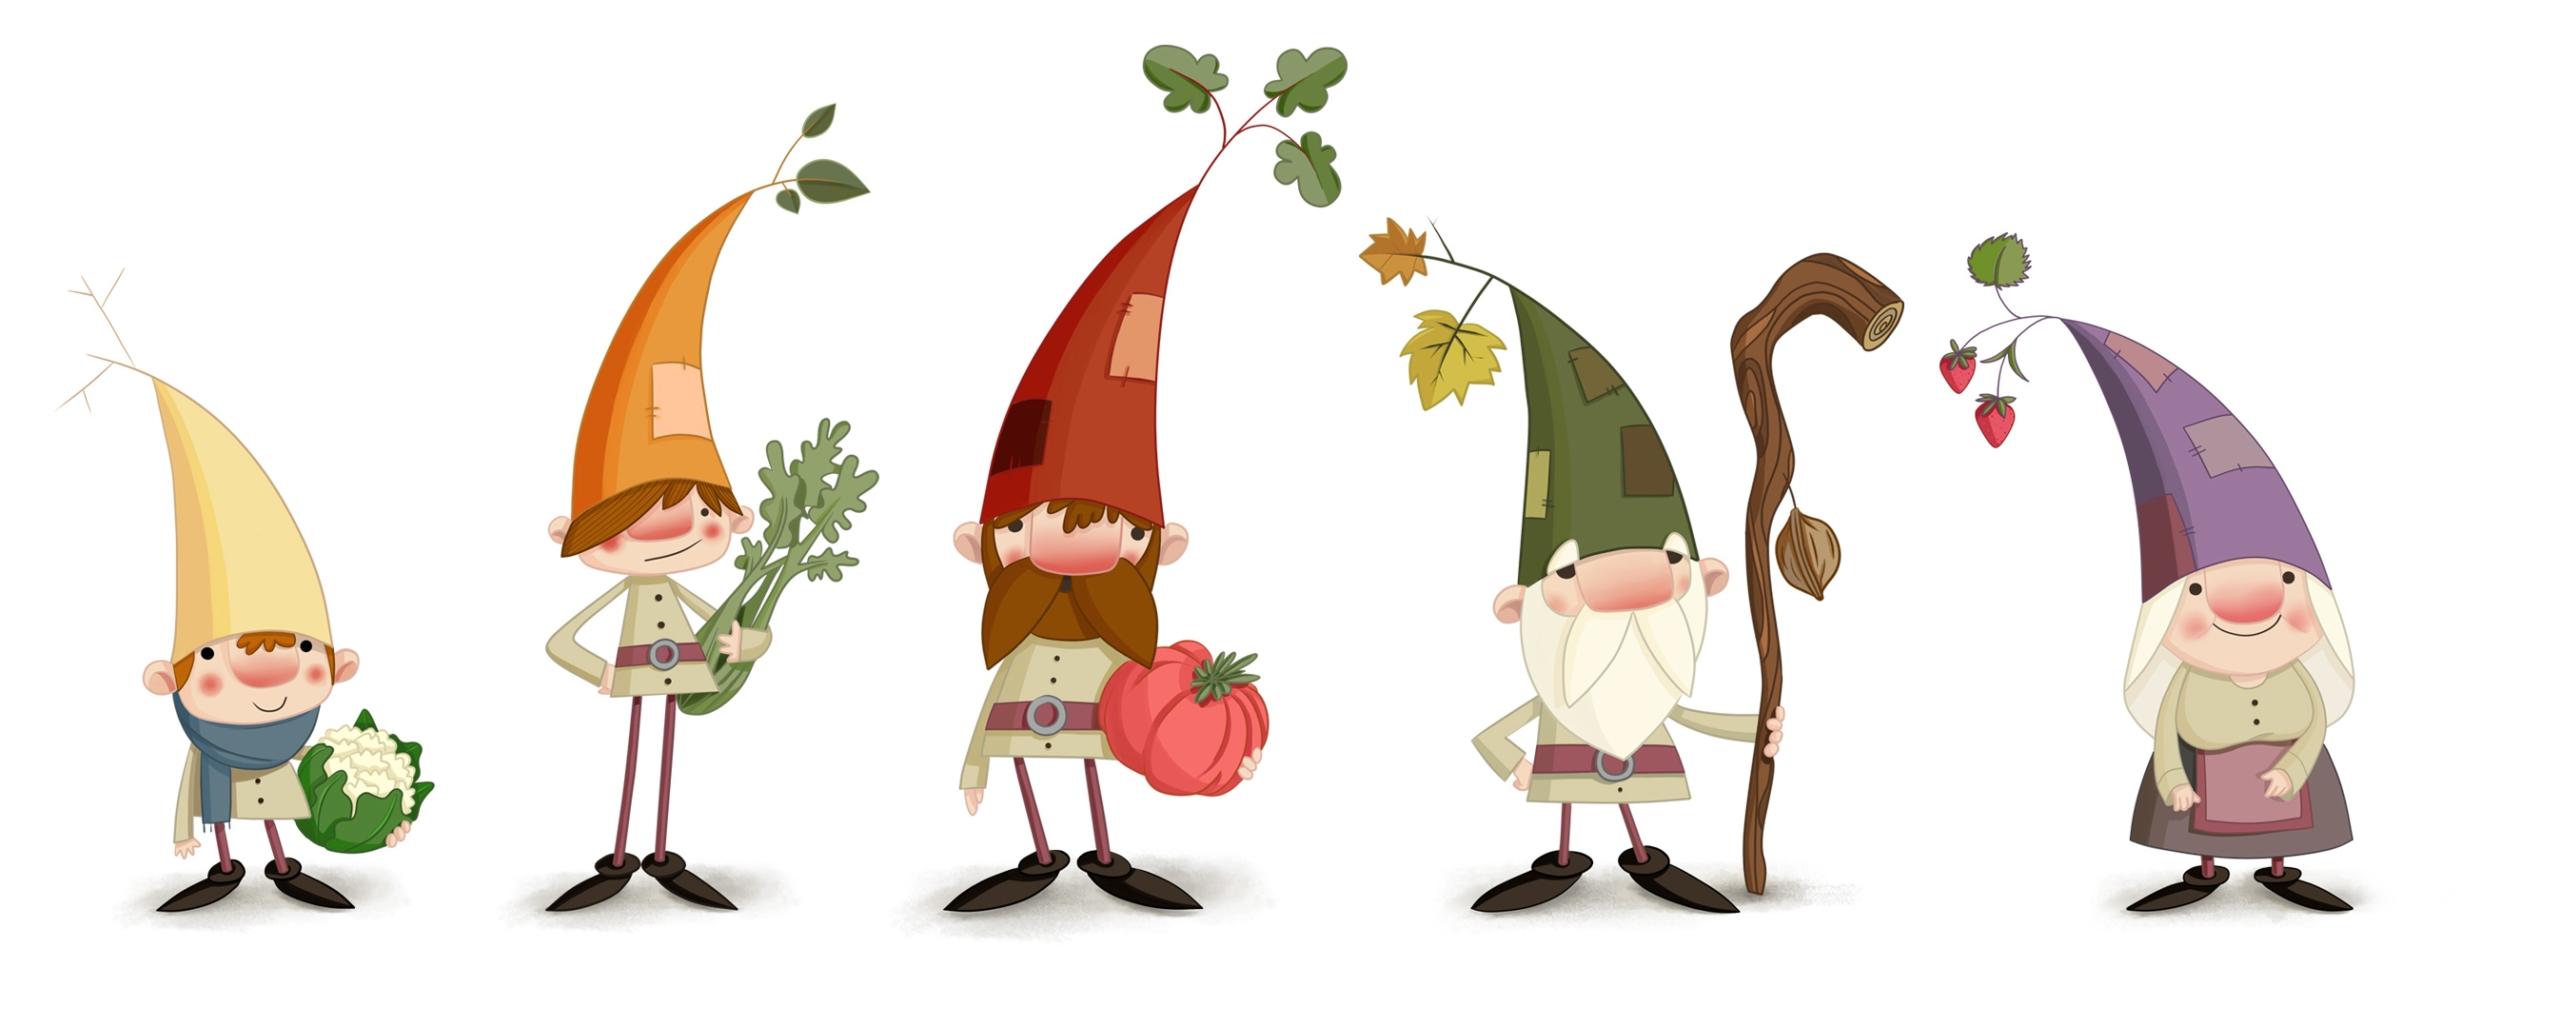 Ilustracion de personajes huertos urbanos